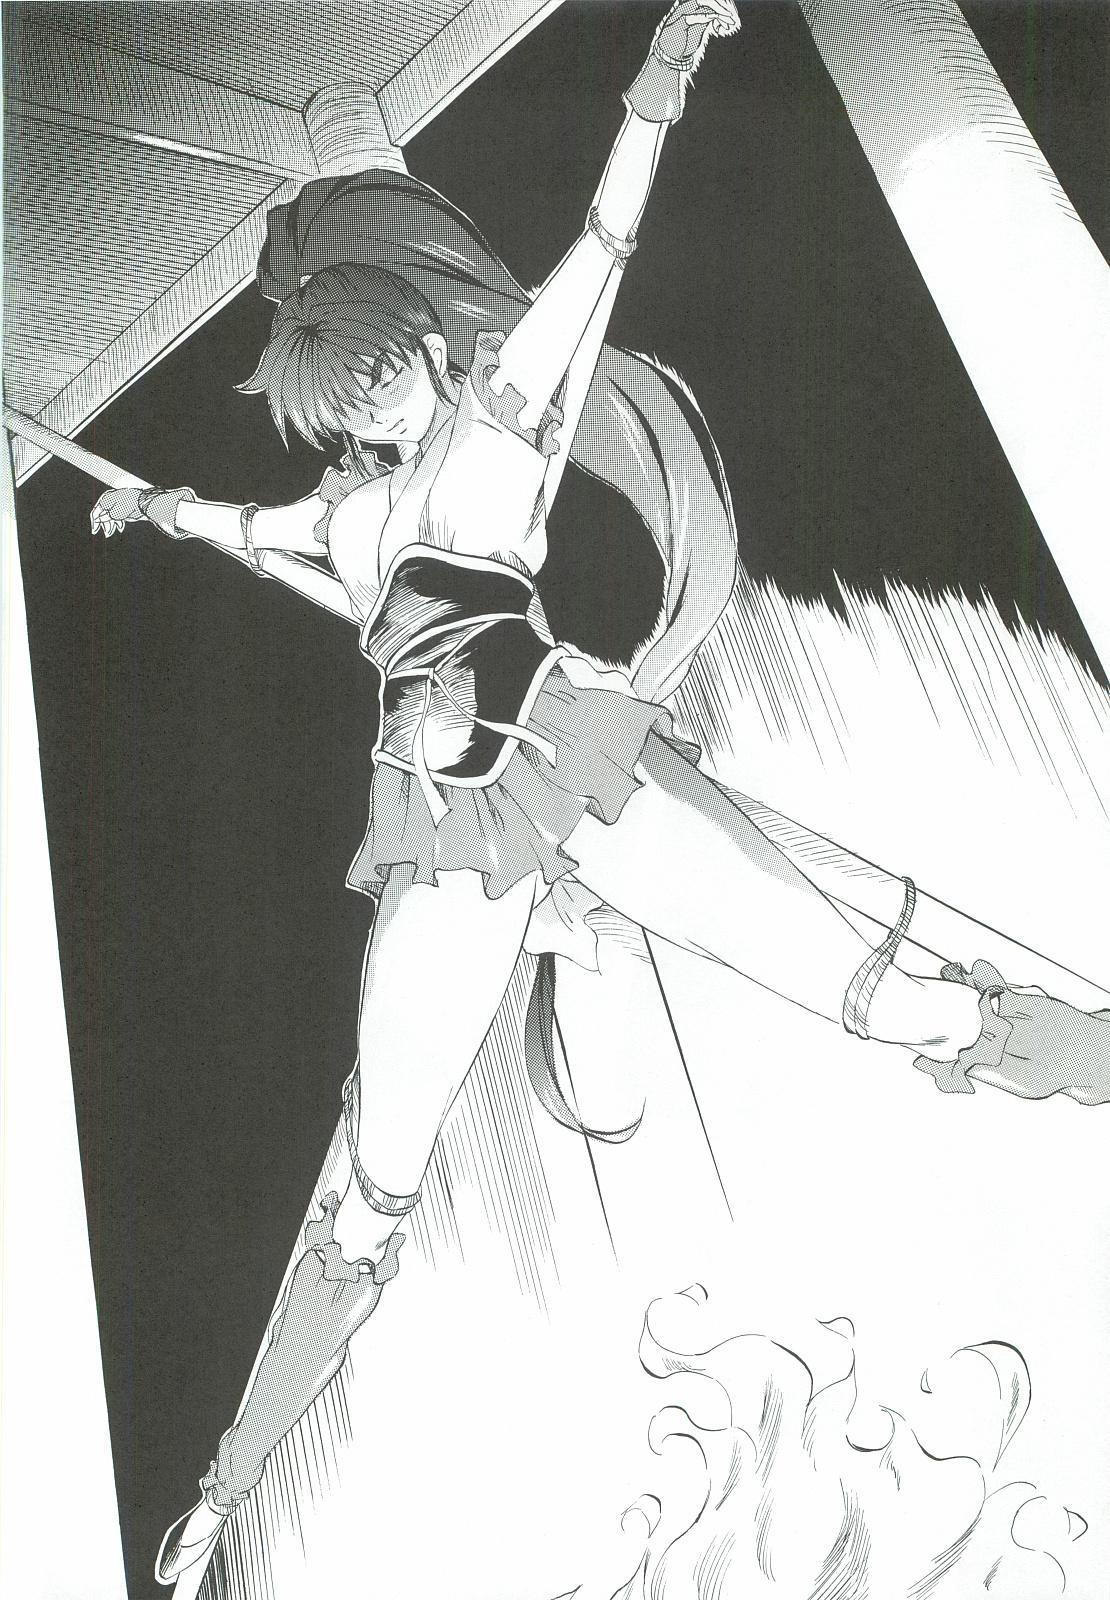 Ai & Mai Gaiden - Kishin Fukkatsu no Shou 14